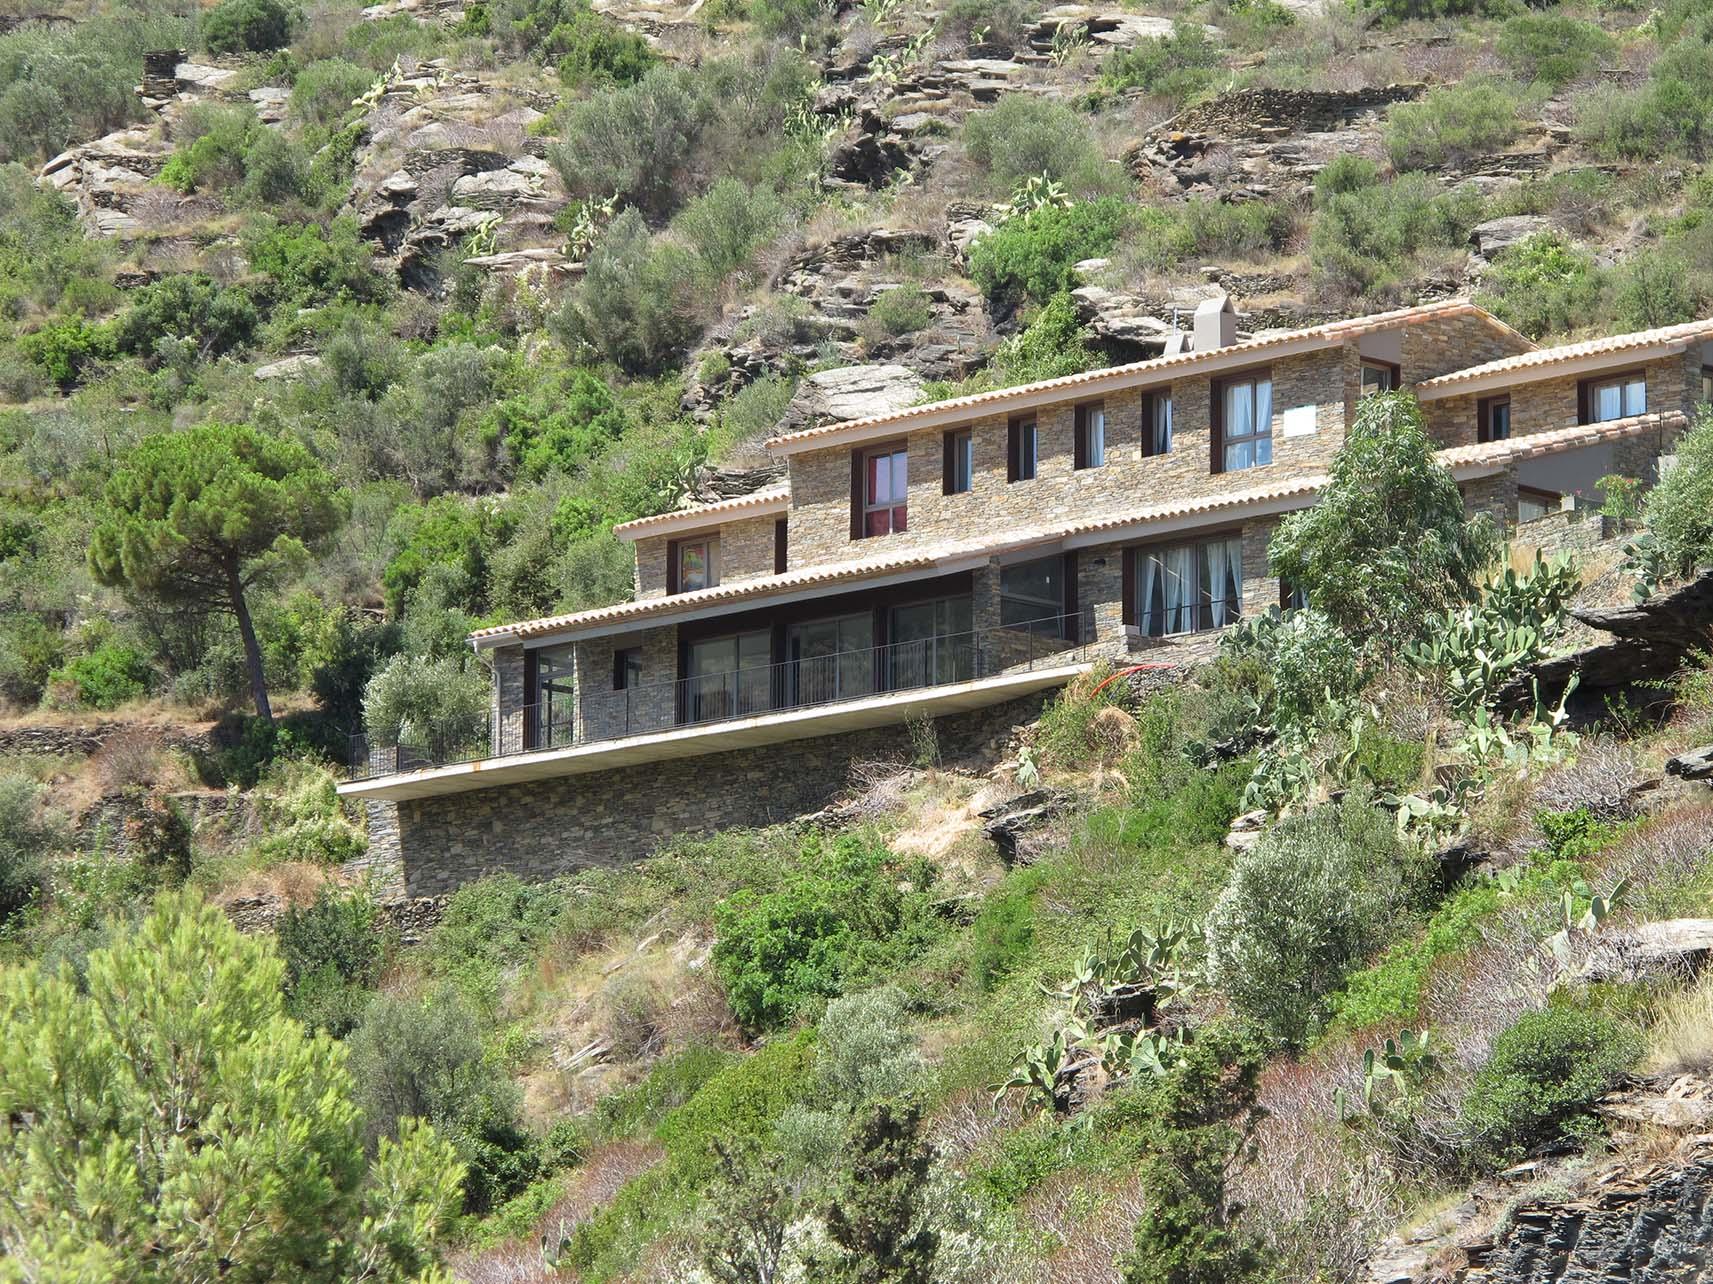 Conjunto de 4 viviendas en Cadaqués, Gerona (2013)